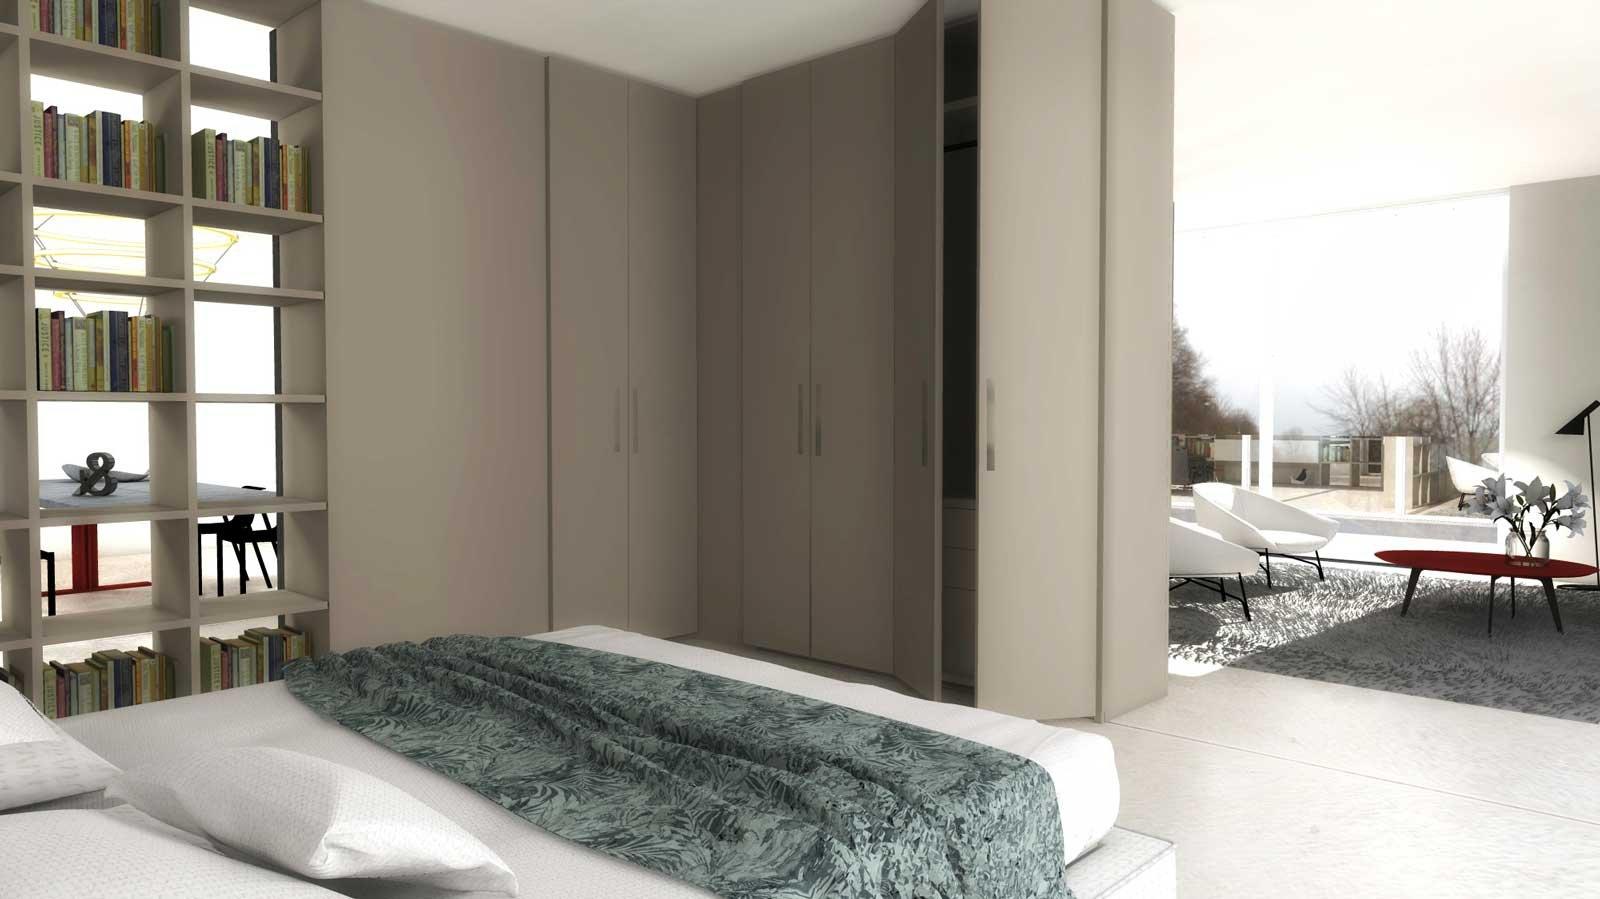 Dividere con i mobili bifacciali senza pareti progetto for Piani di casa pensione 2 camere da letto